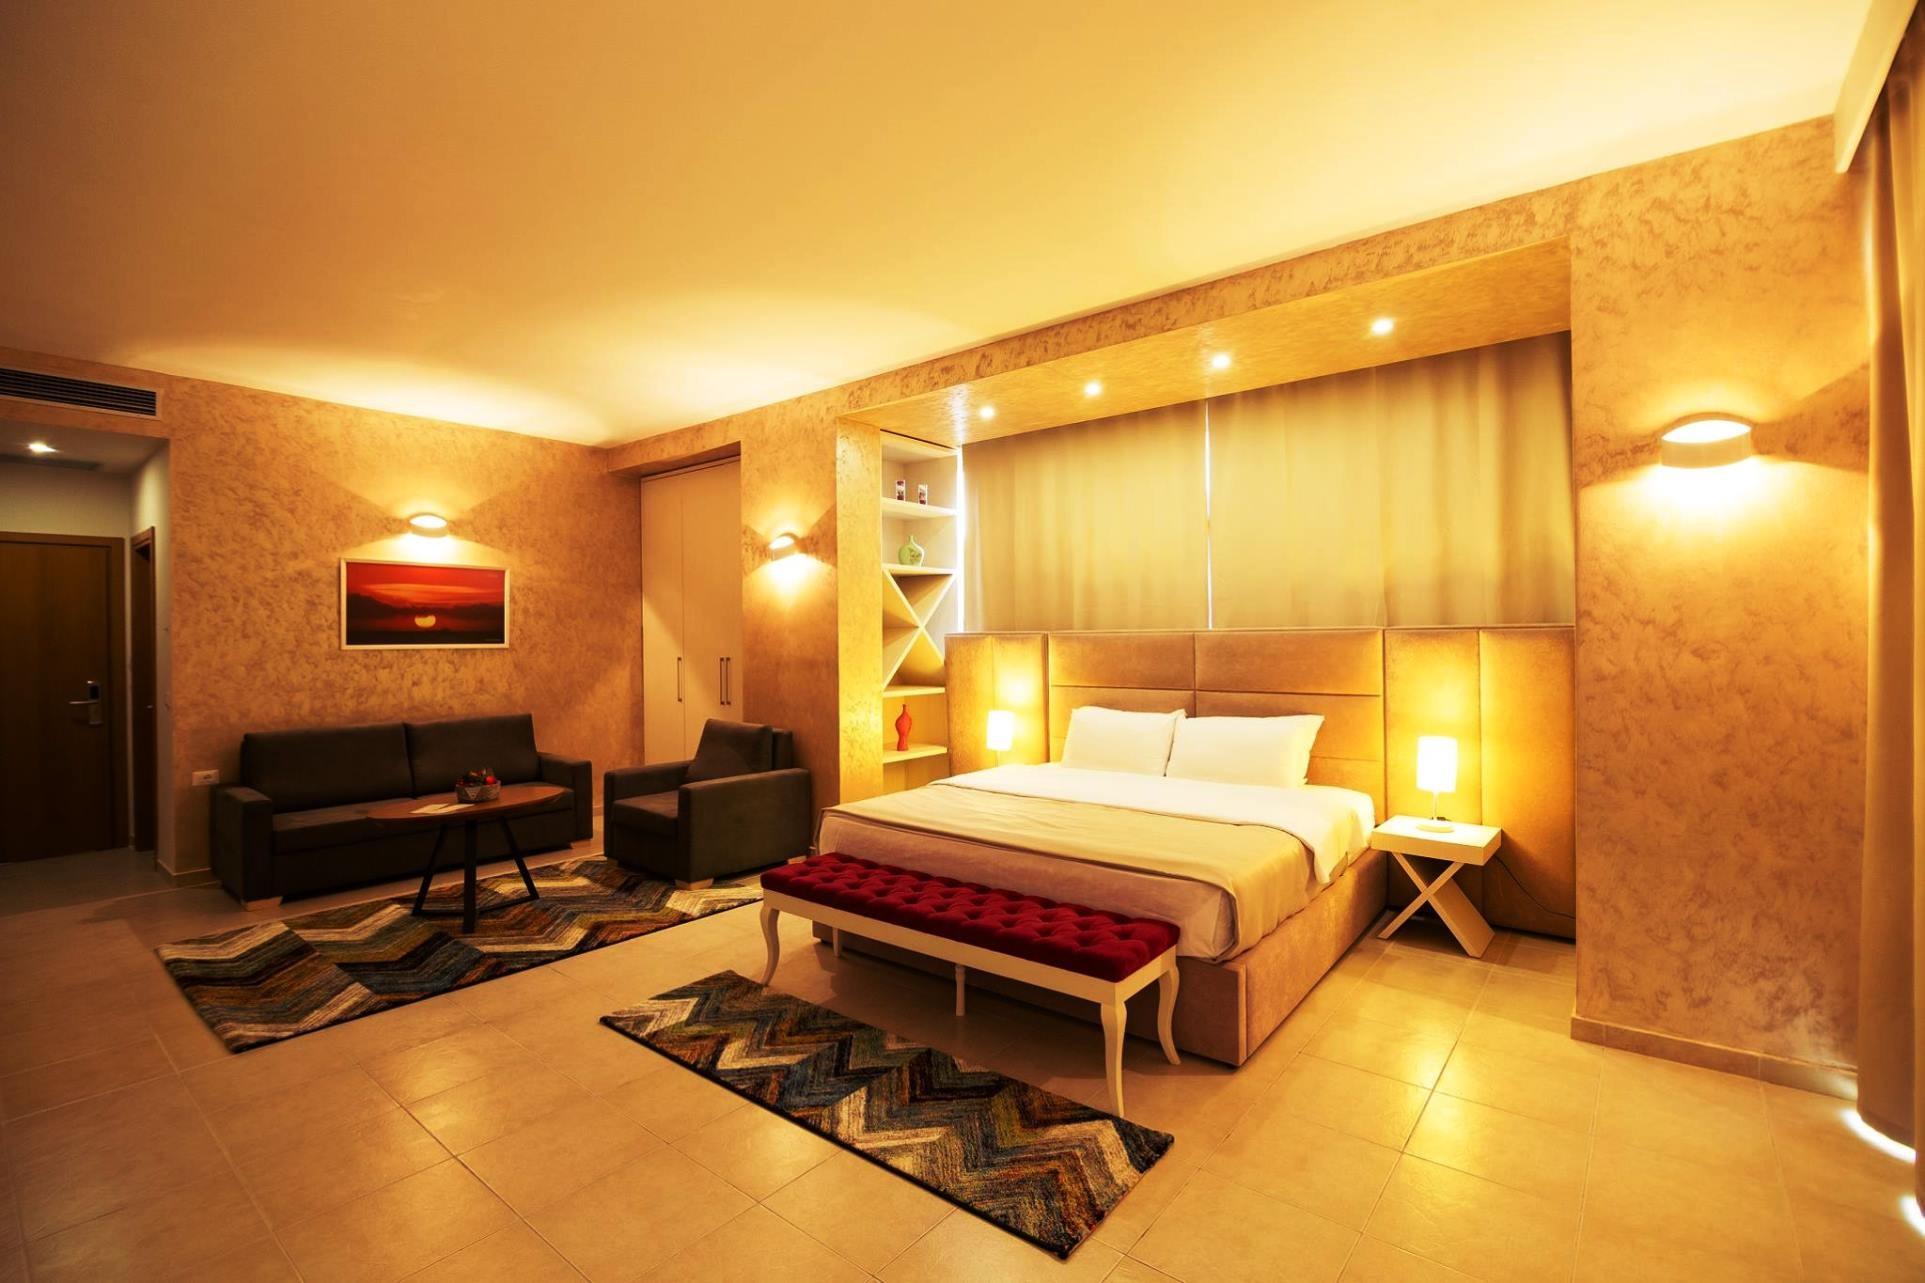 Horizont Hotel - стая супериор